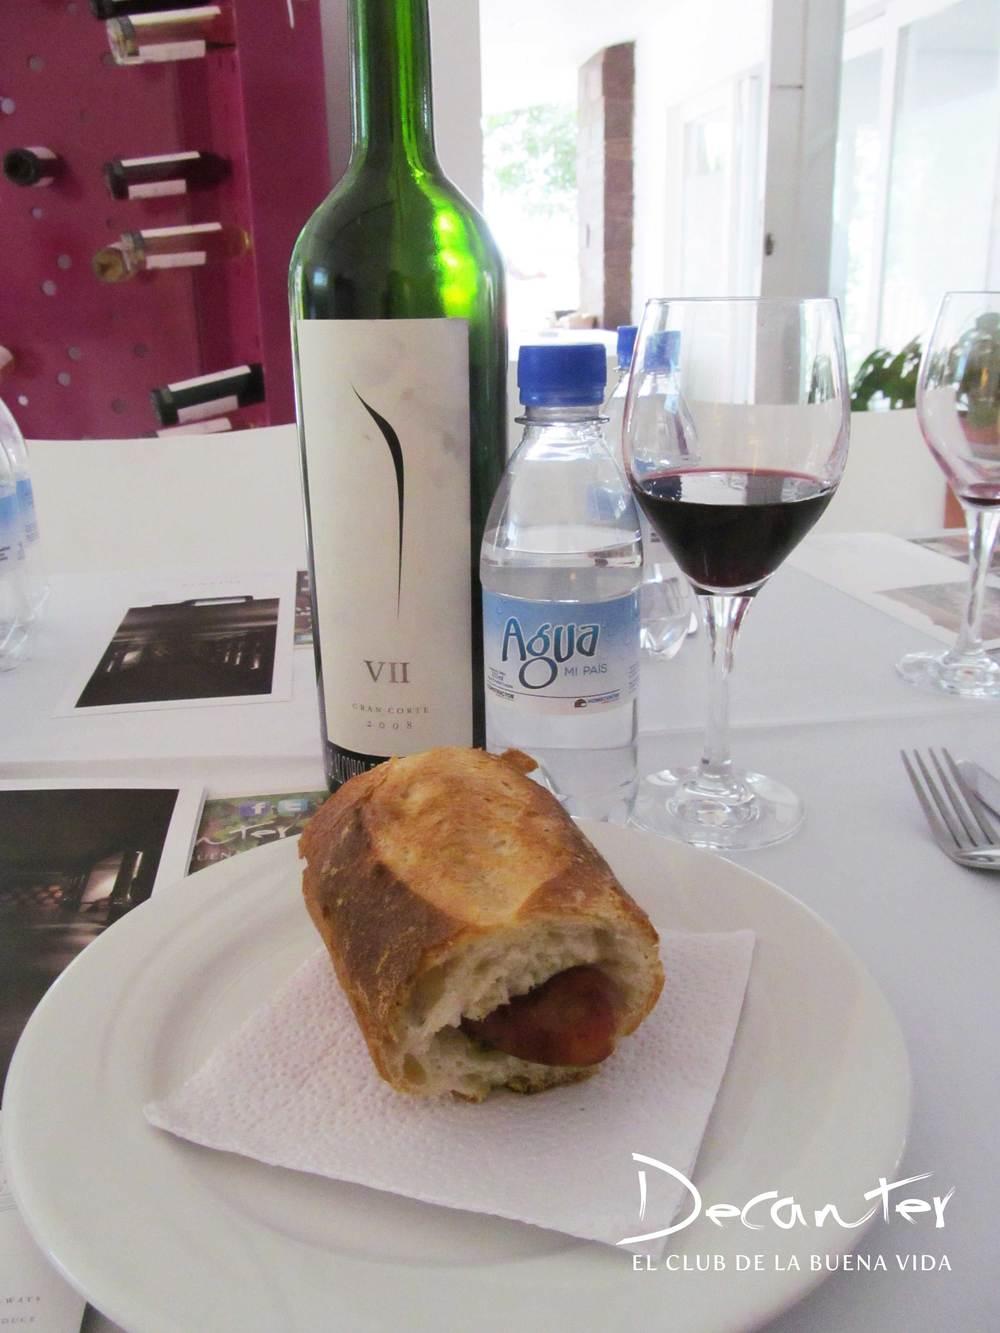 El Gran Corte, uno de los grandes vinos de Pulenta, fue uno de los vinos que acompañaron la reunión.